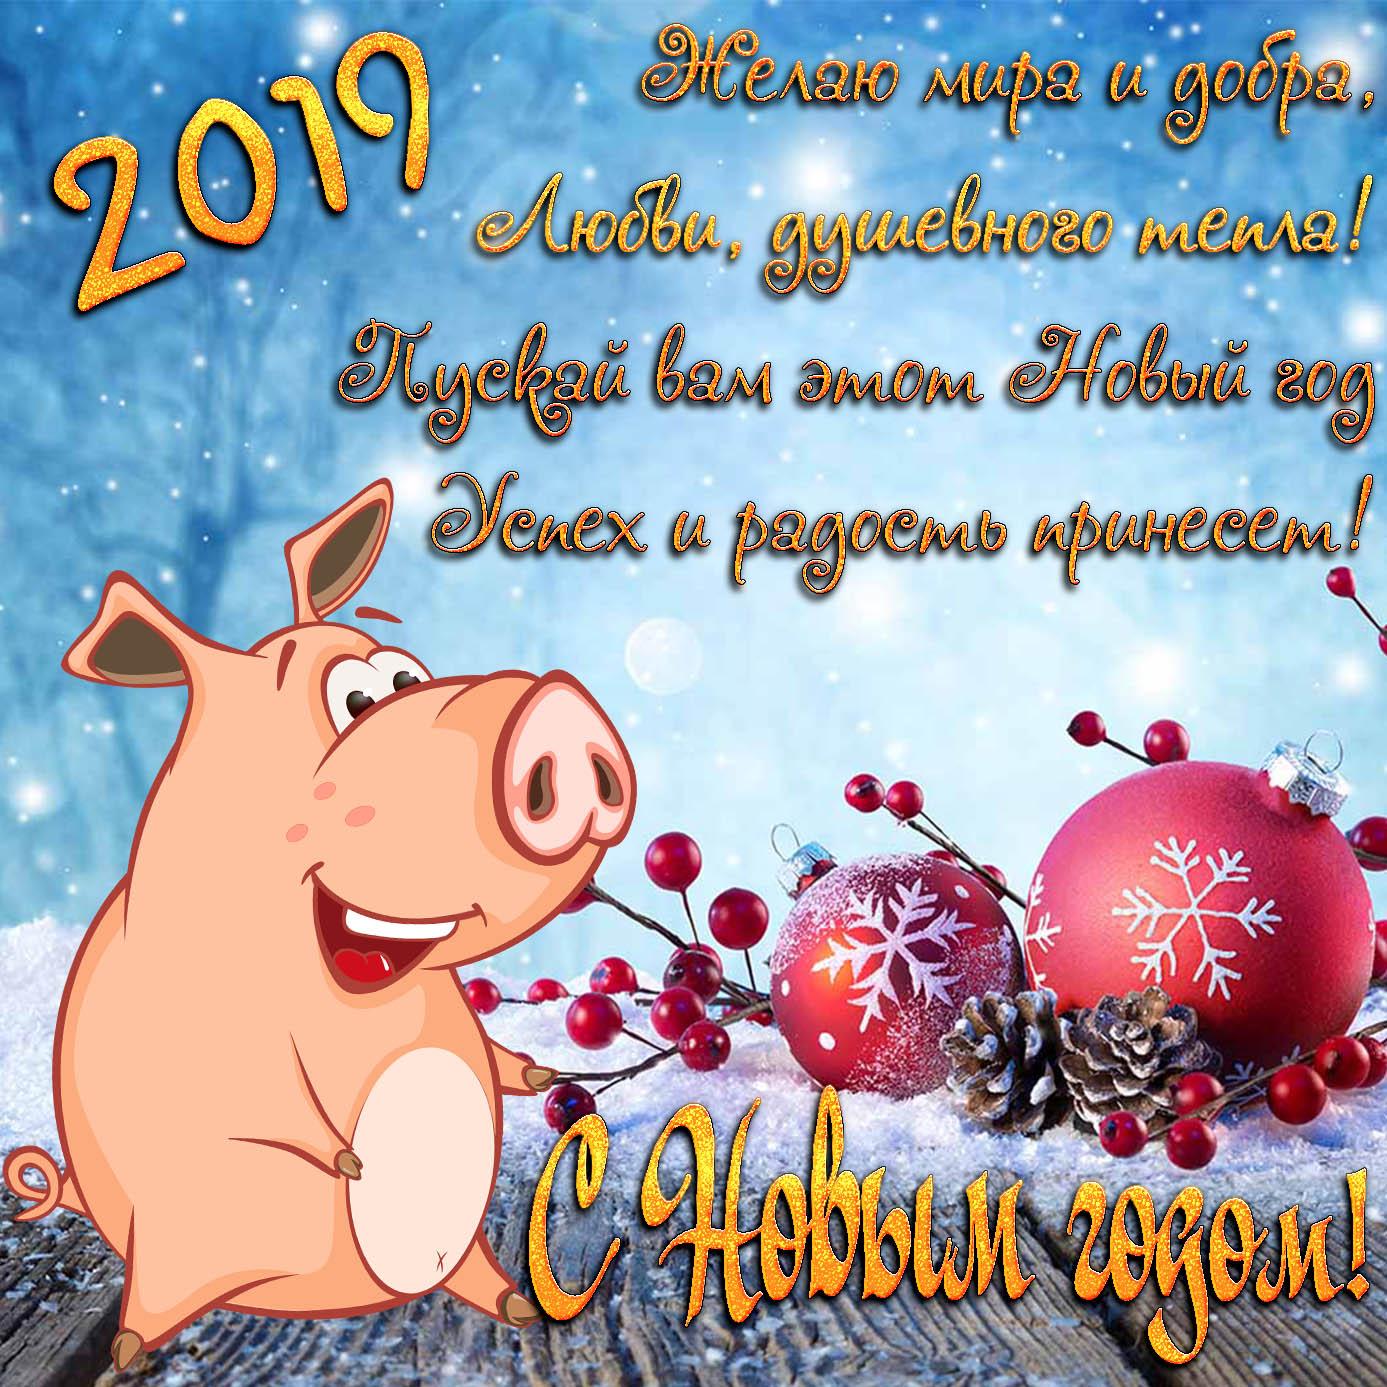 Открытки с текстом новым годом 2019 свиньи, поздравления летием